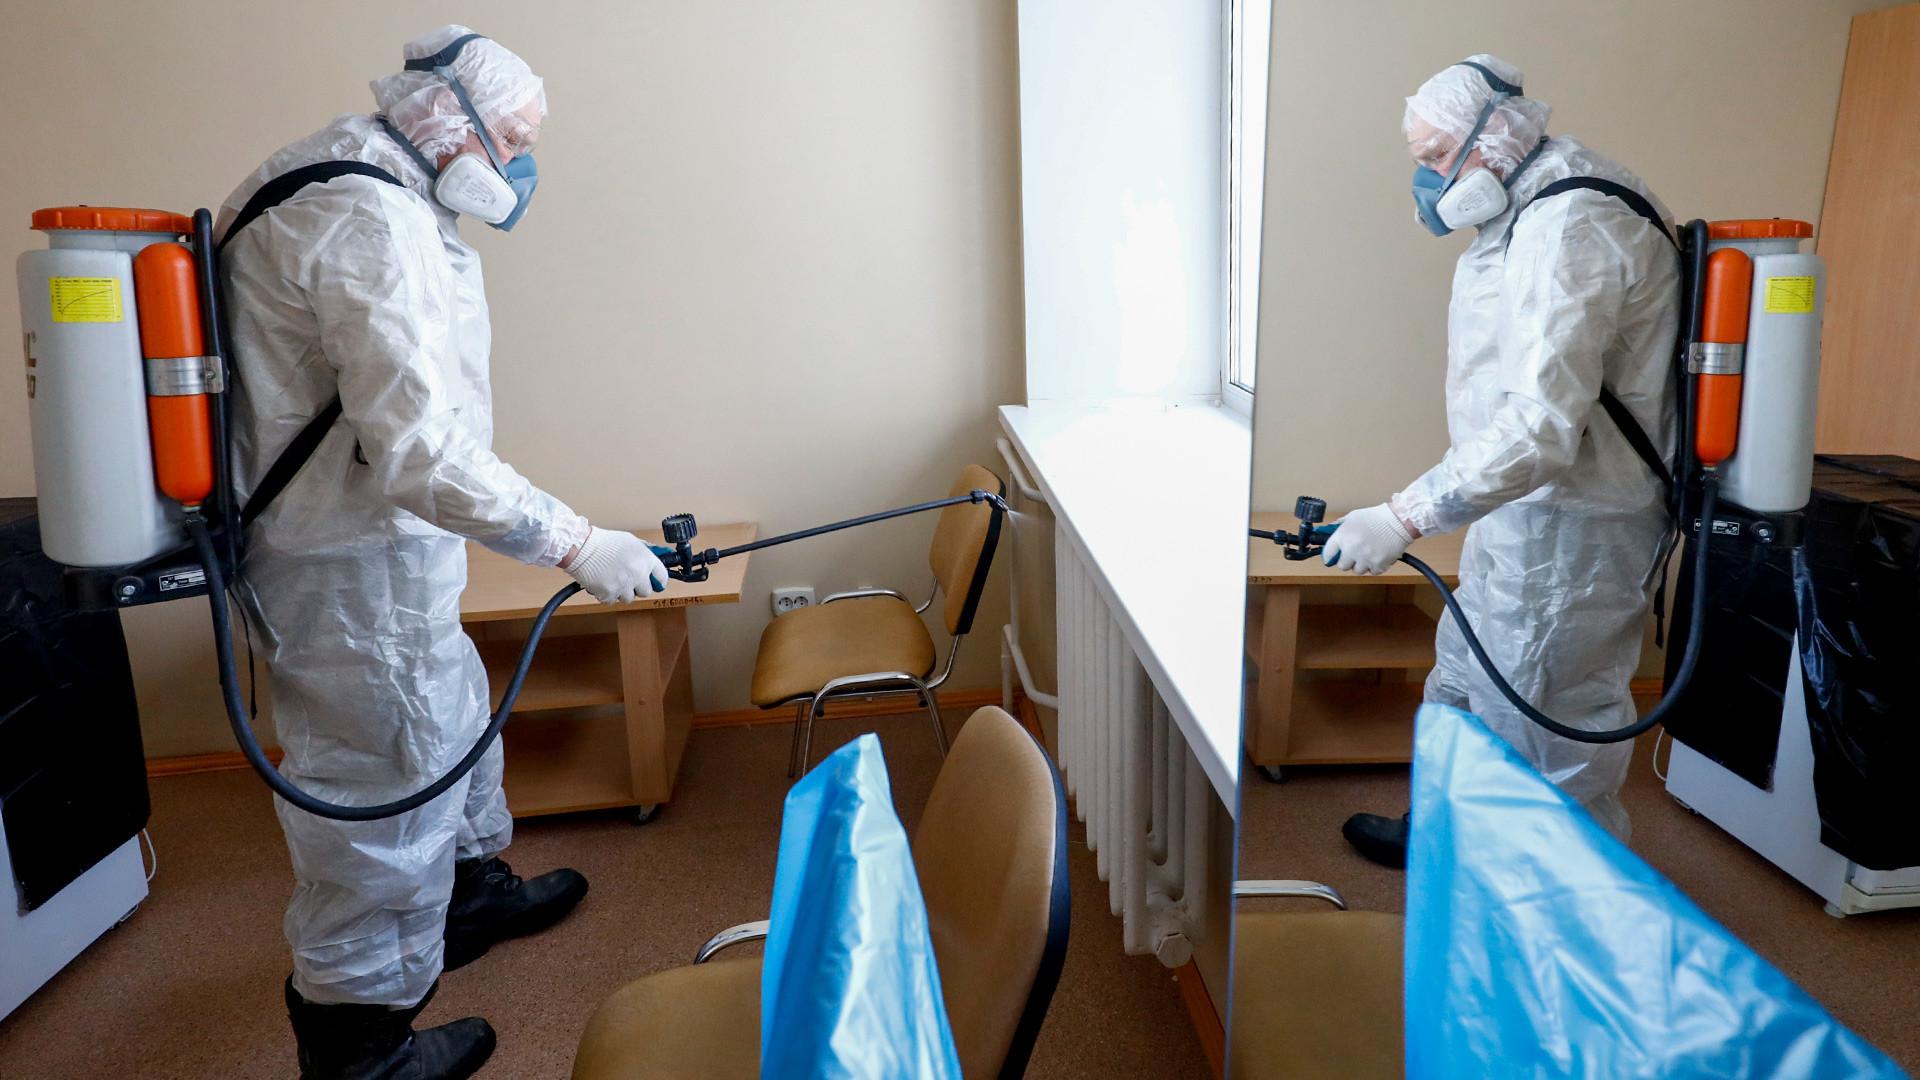 Дезинфекция след карантина за COVID-2019 в Тюменска област, 21 февруари 2020 г.